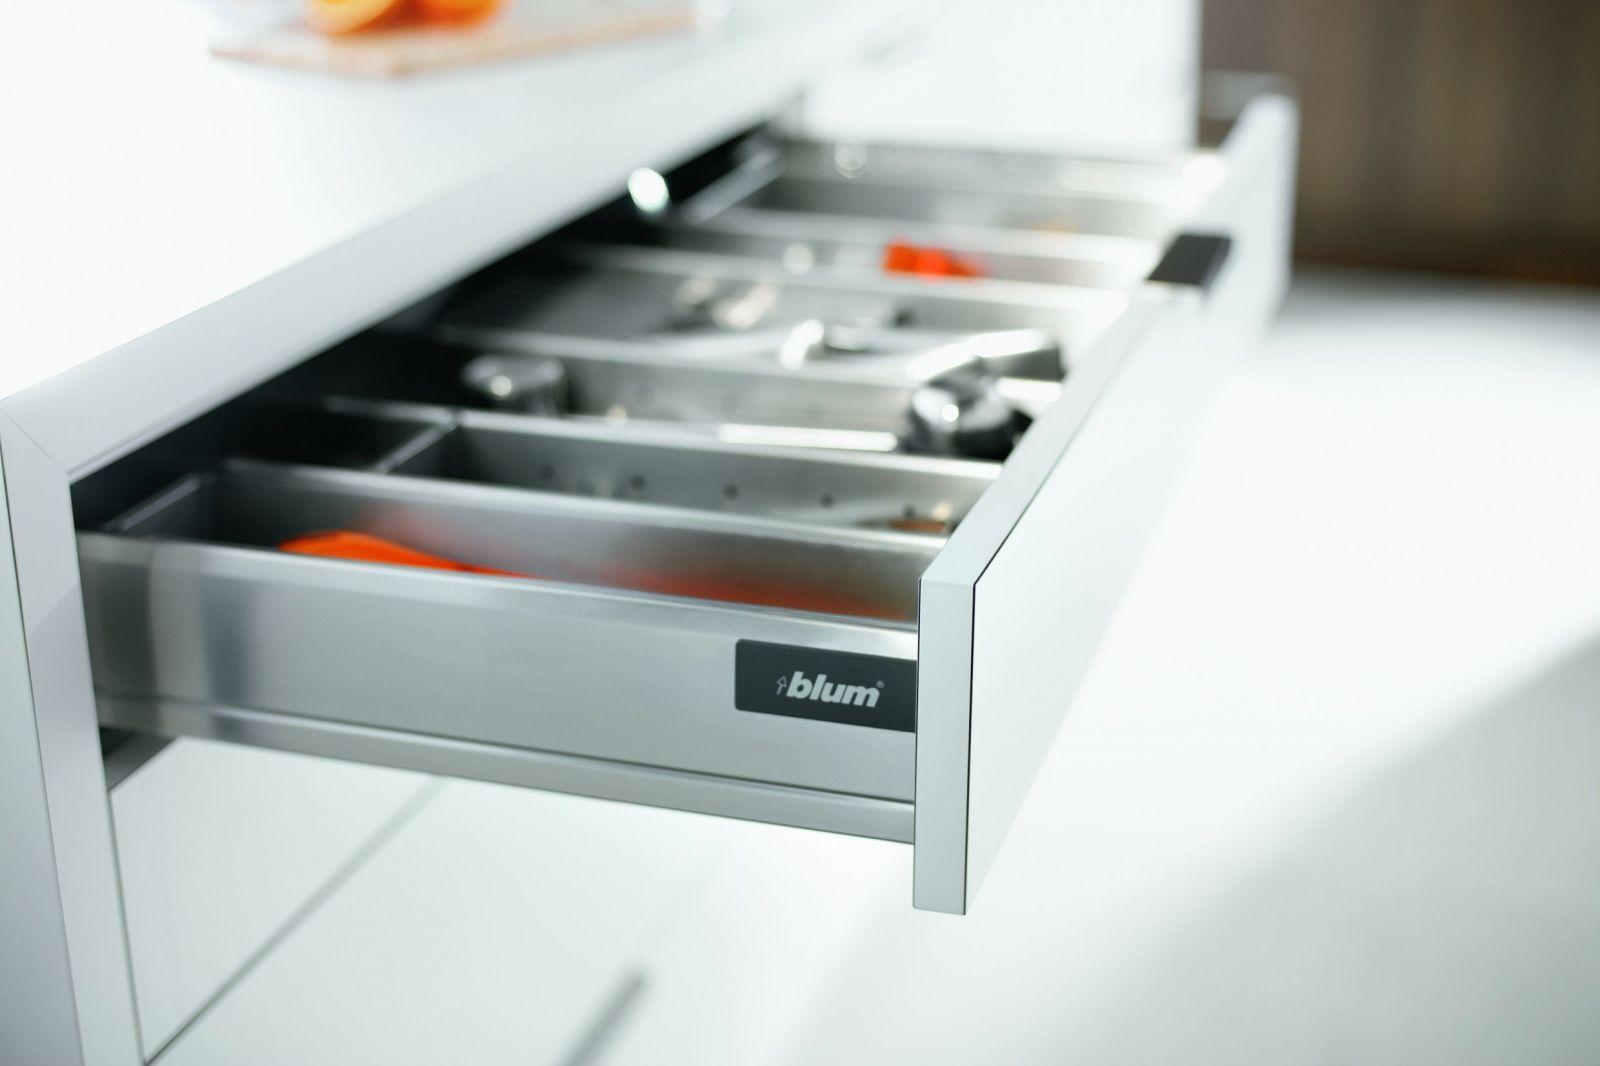 Ящик для кухни на заказ с фурнитурой Blum